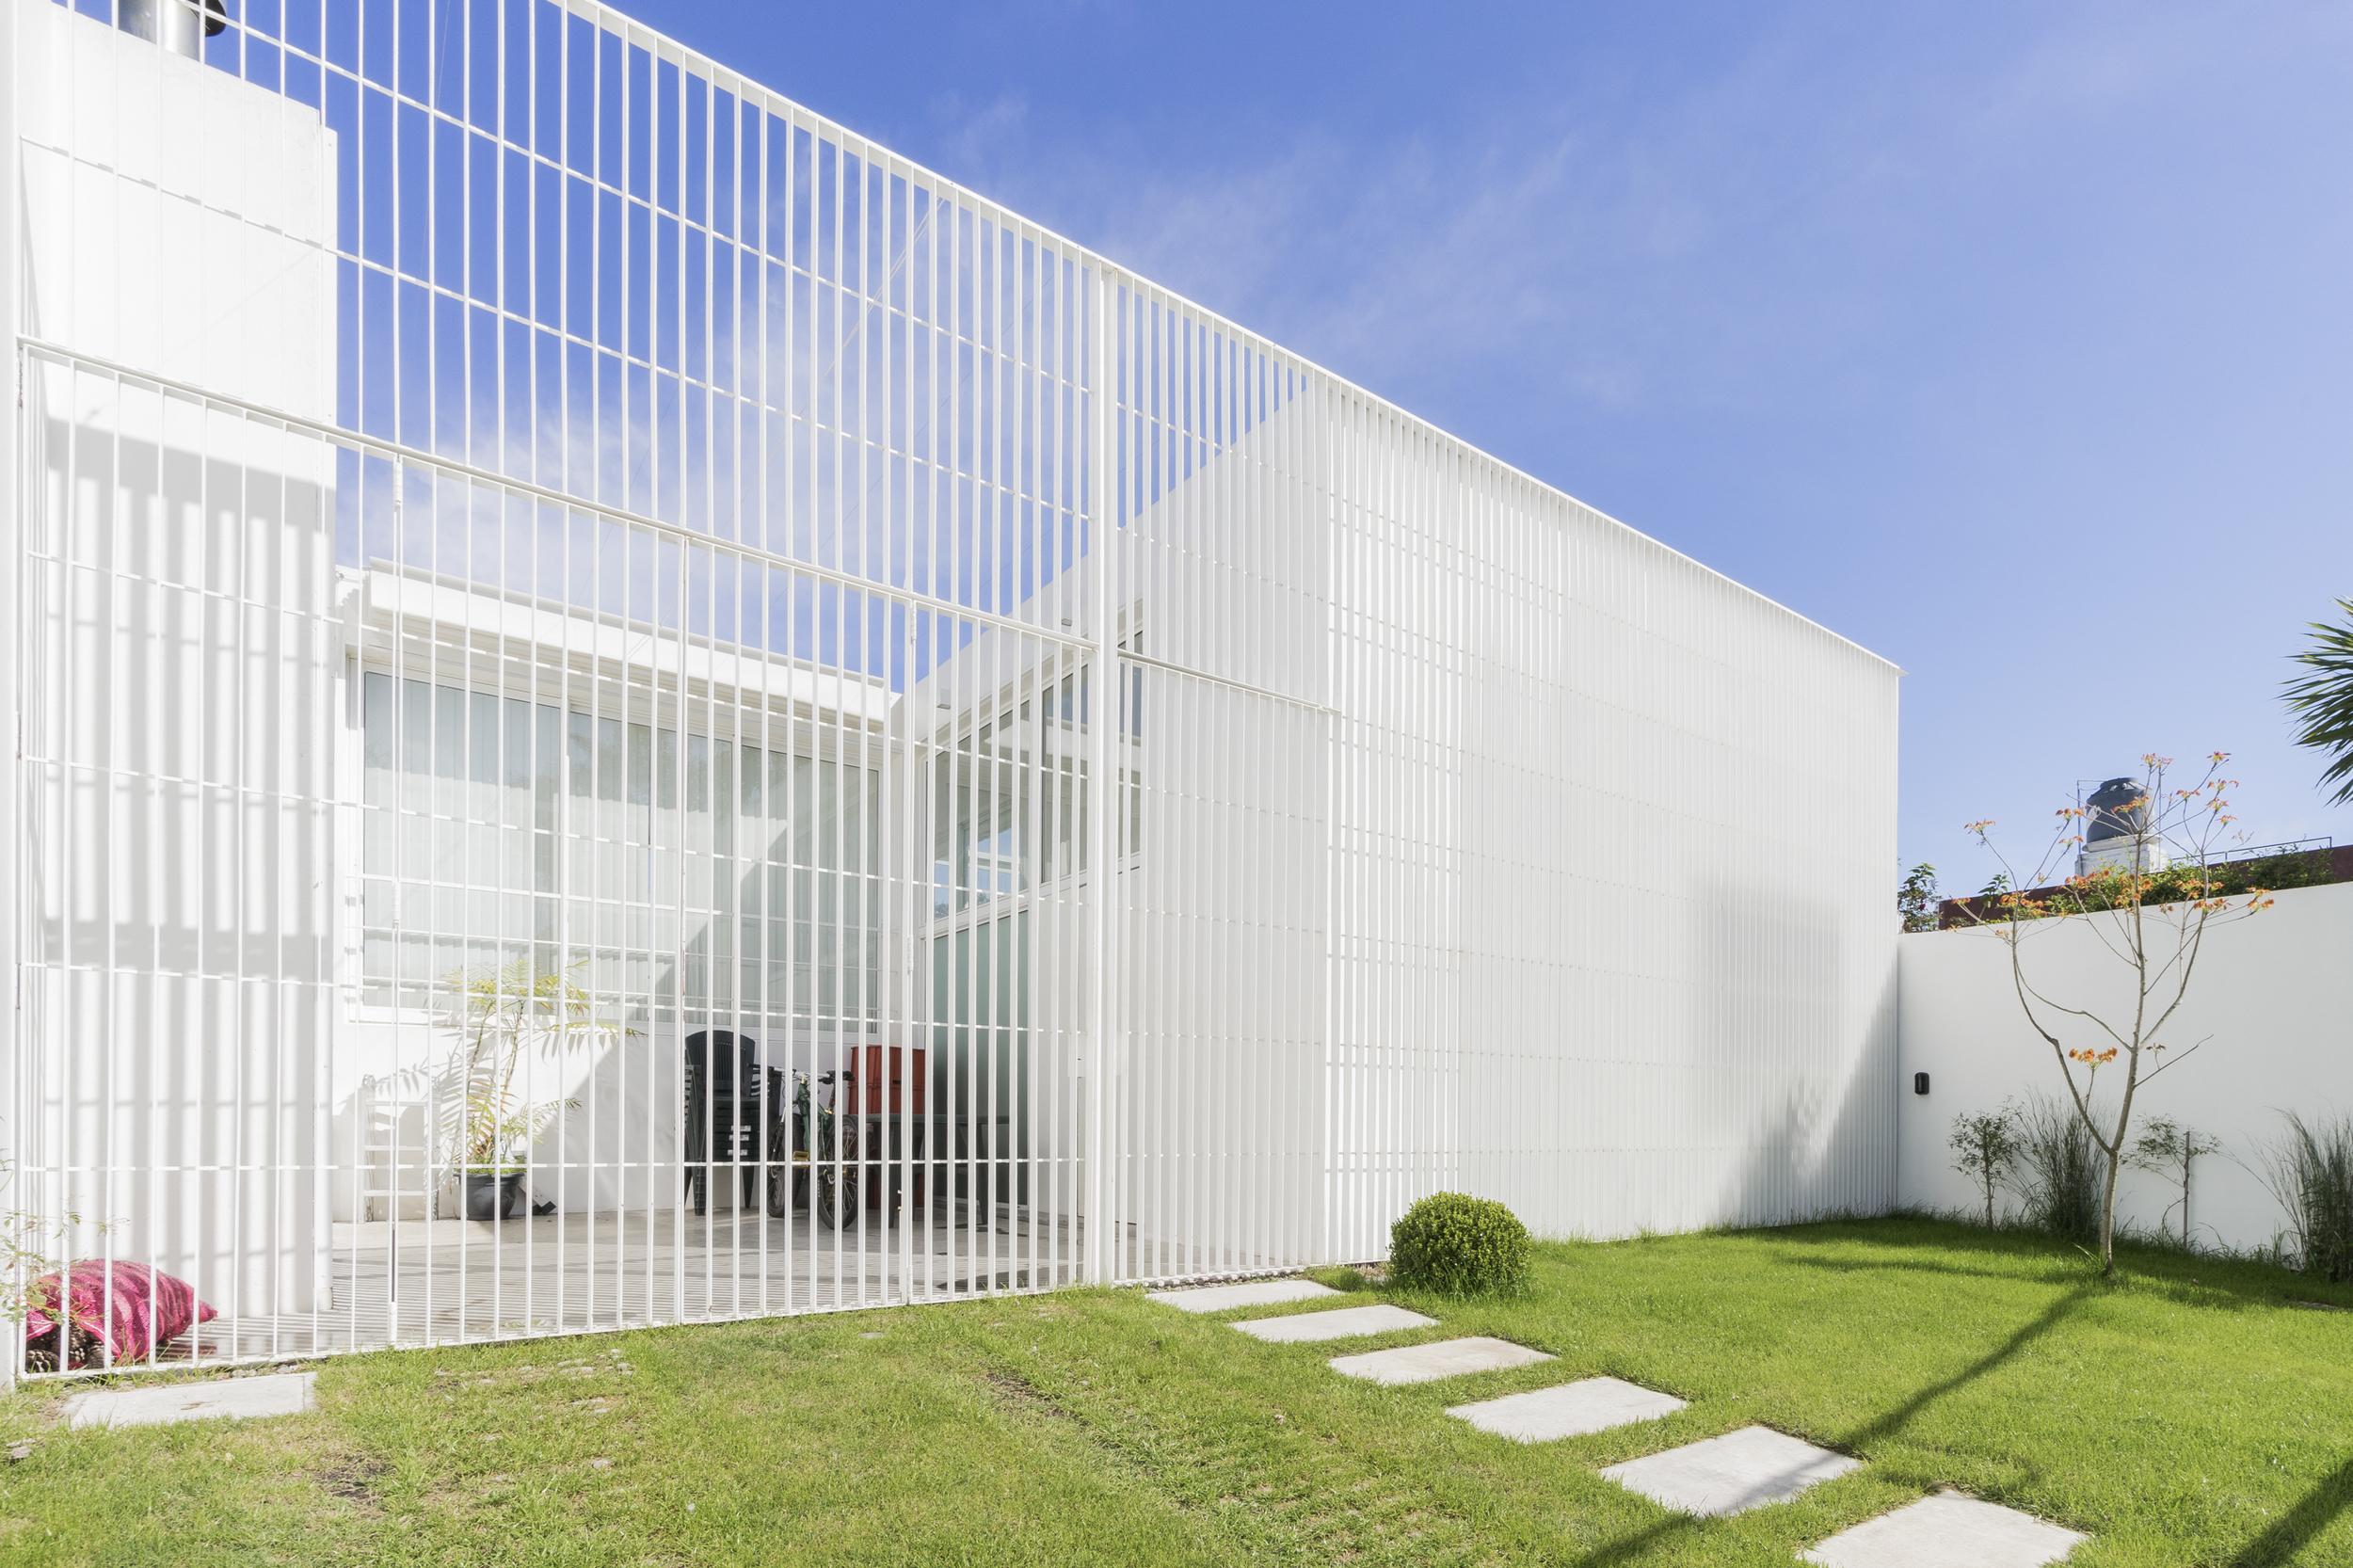 Vivienda Arquitectura Rifa G08, 2013_foto nacho correa_DSC5676.jpg